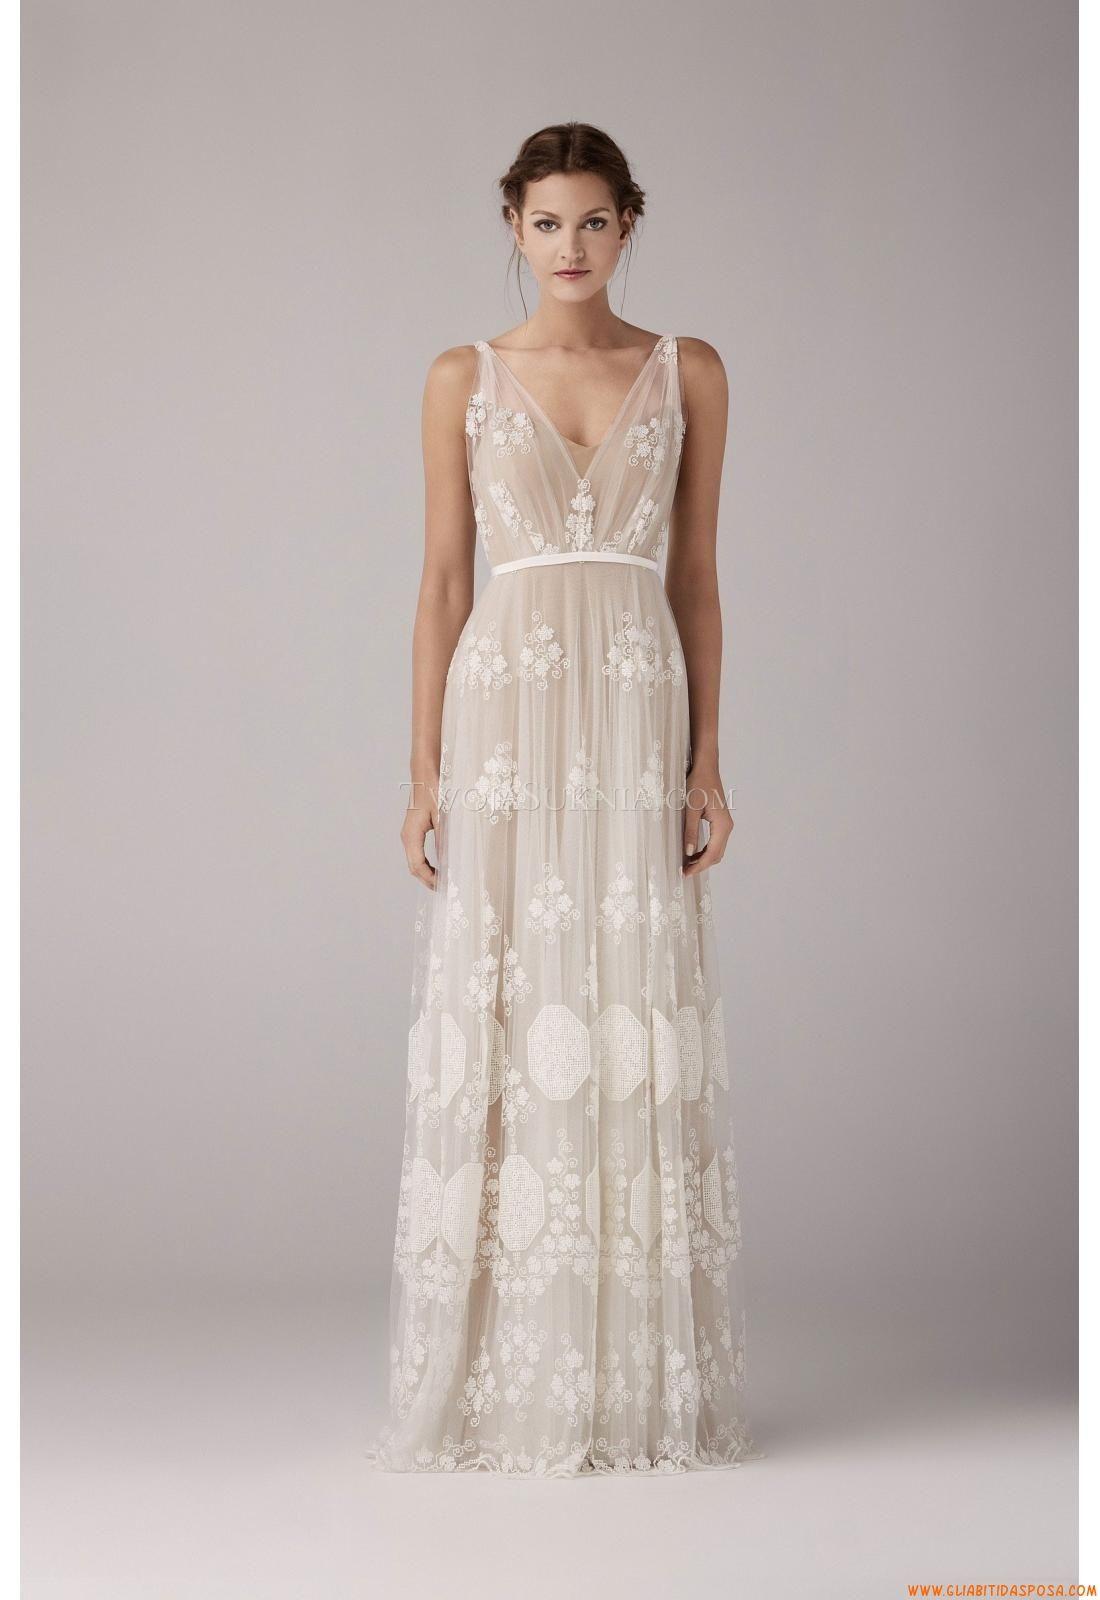 Abiti Da Sposa 600 Euro Roma.Beautiful Dress Blog Vestito Da Sposa 100 Euro X Pass